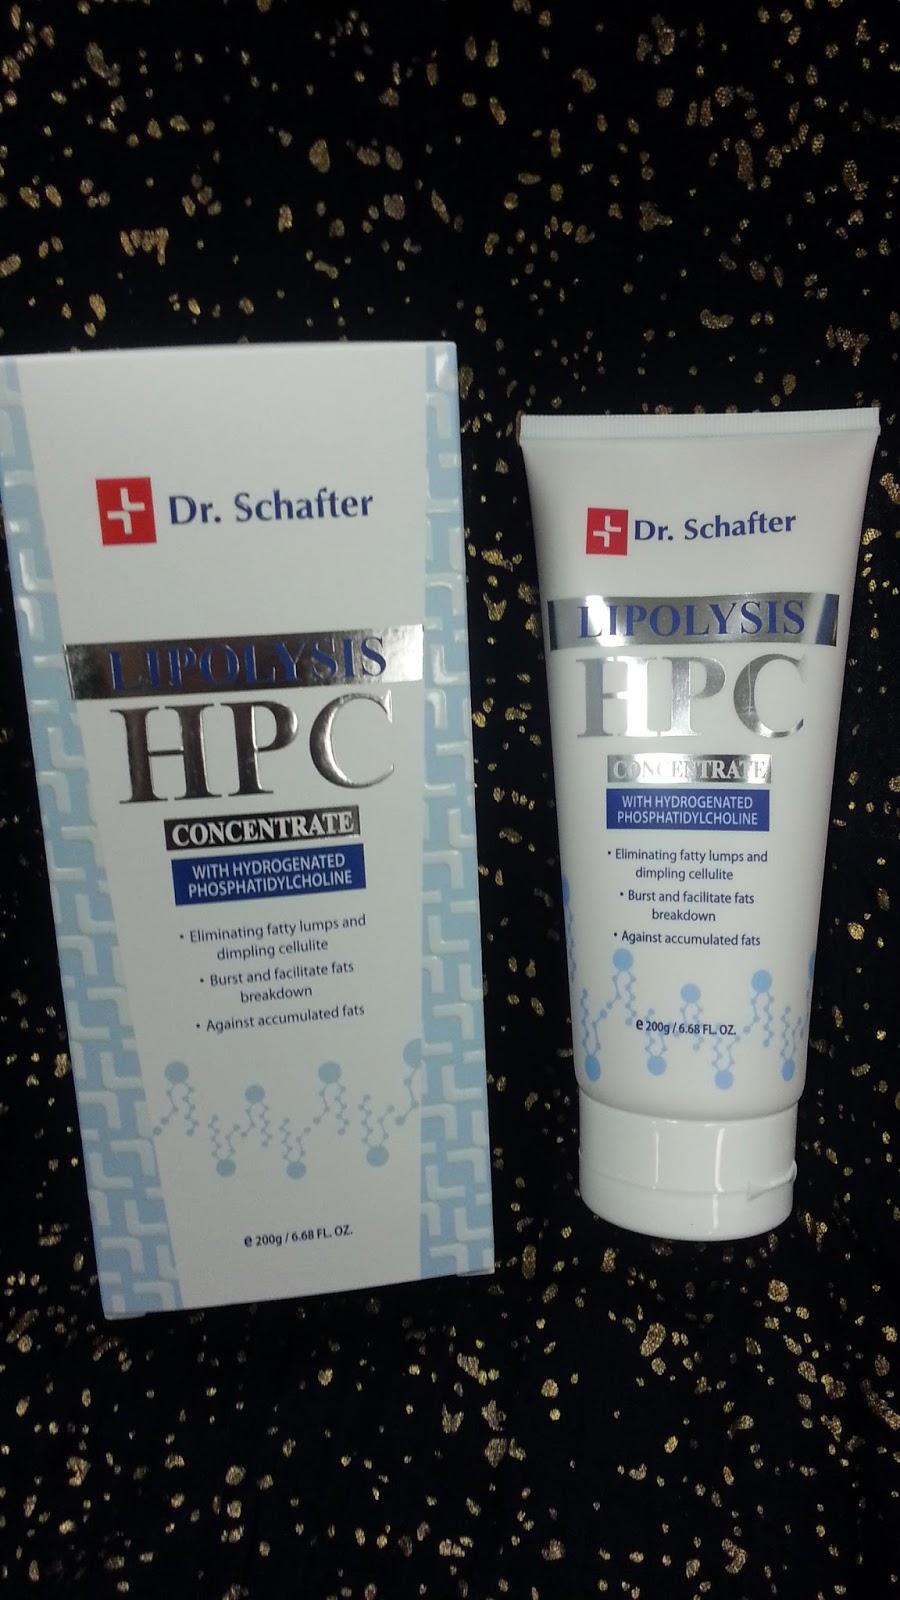 搽出好線條(≧∇≦)Dr.Schafter HPC精煉溶脂針精華